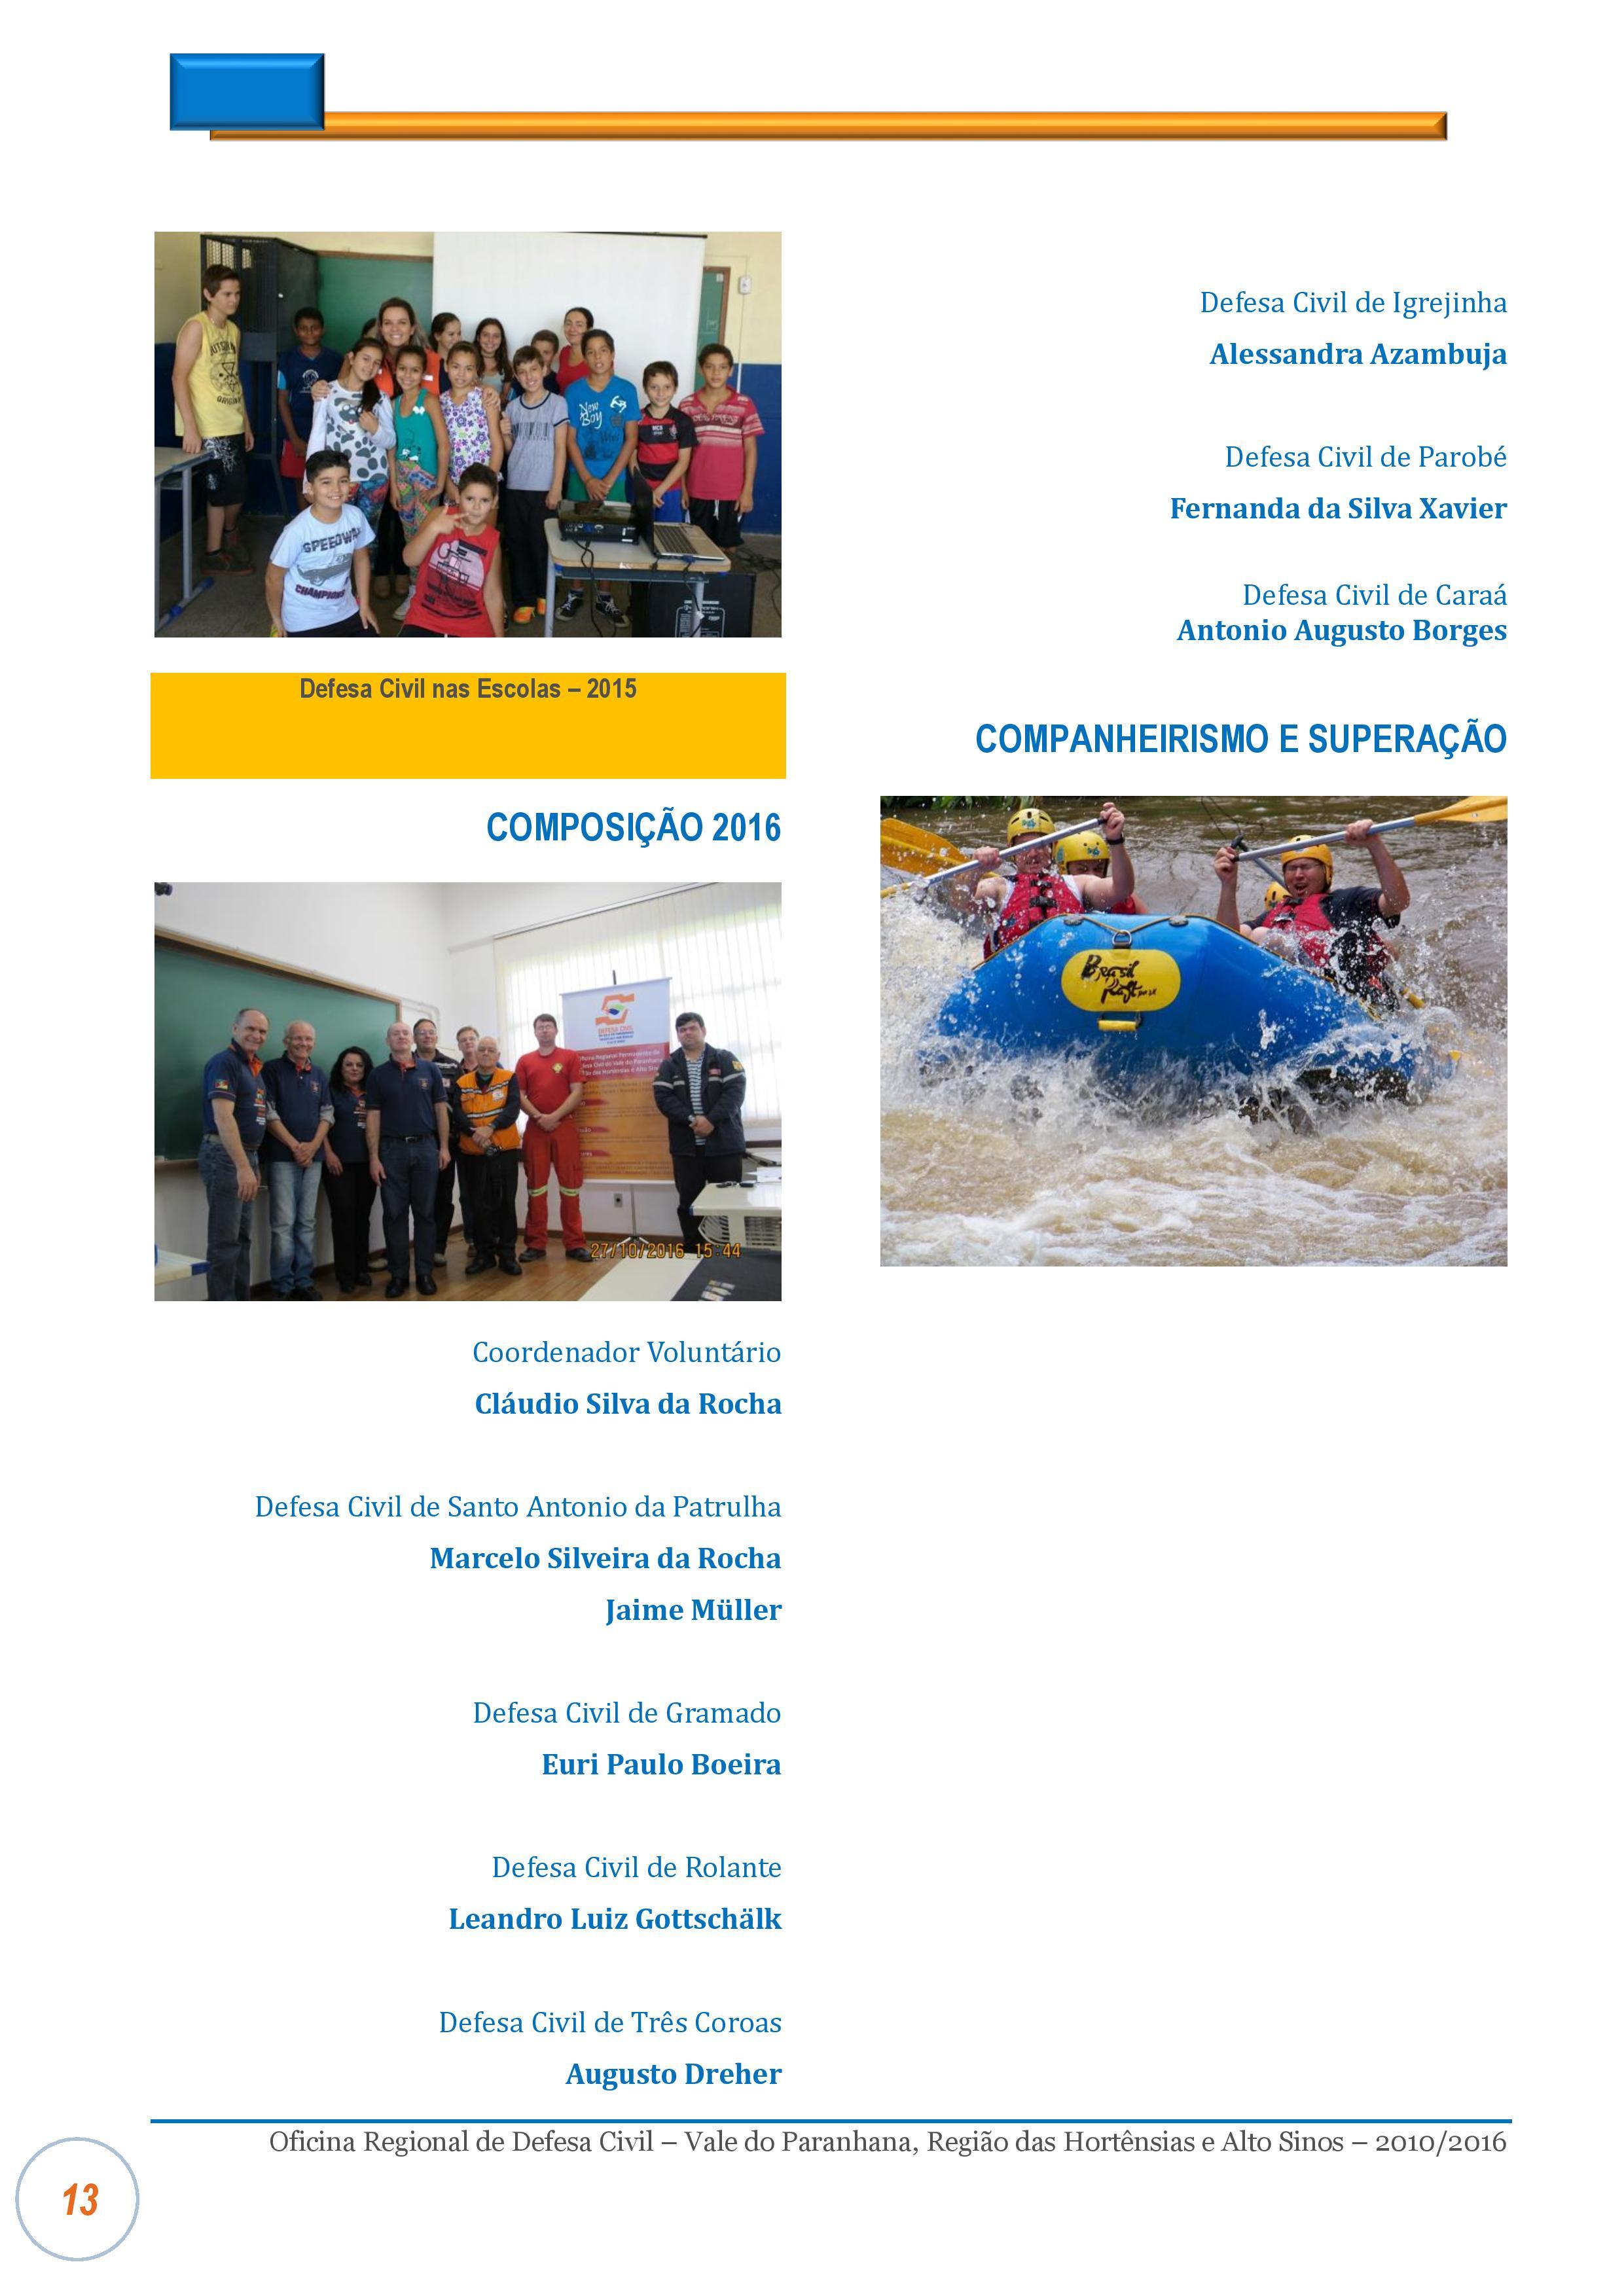 L_Histórico_ORPDC_Dez_2016 _final_2-page-013